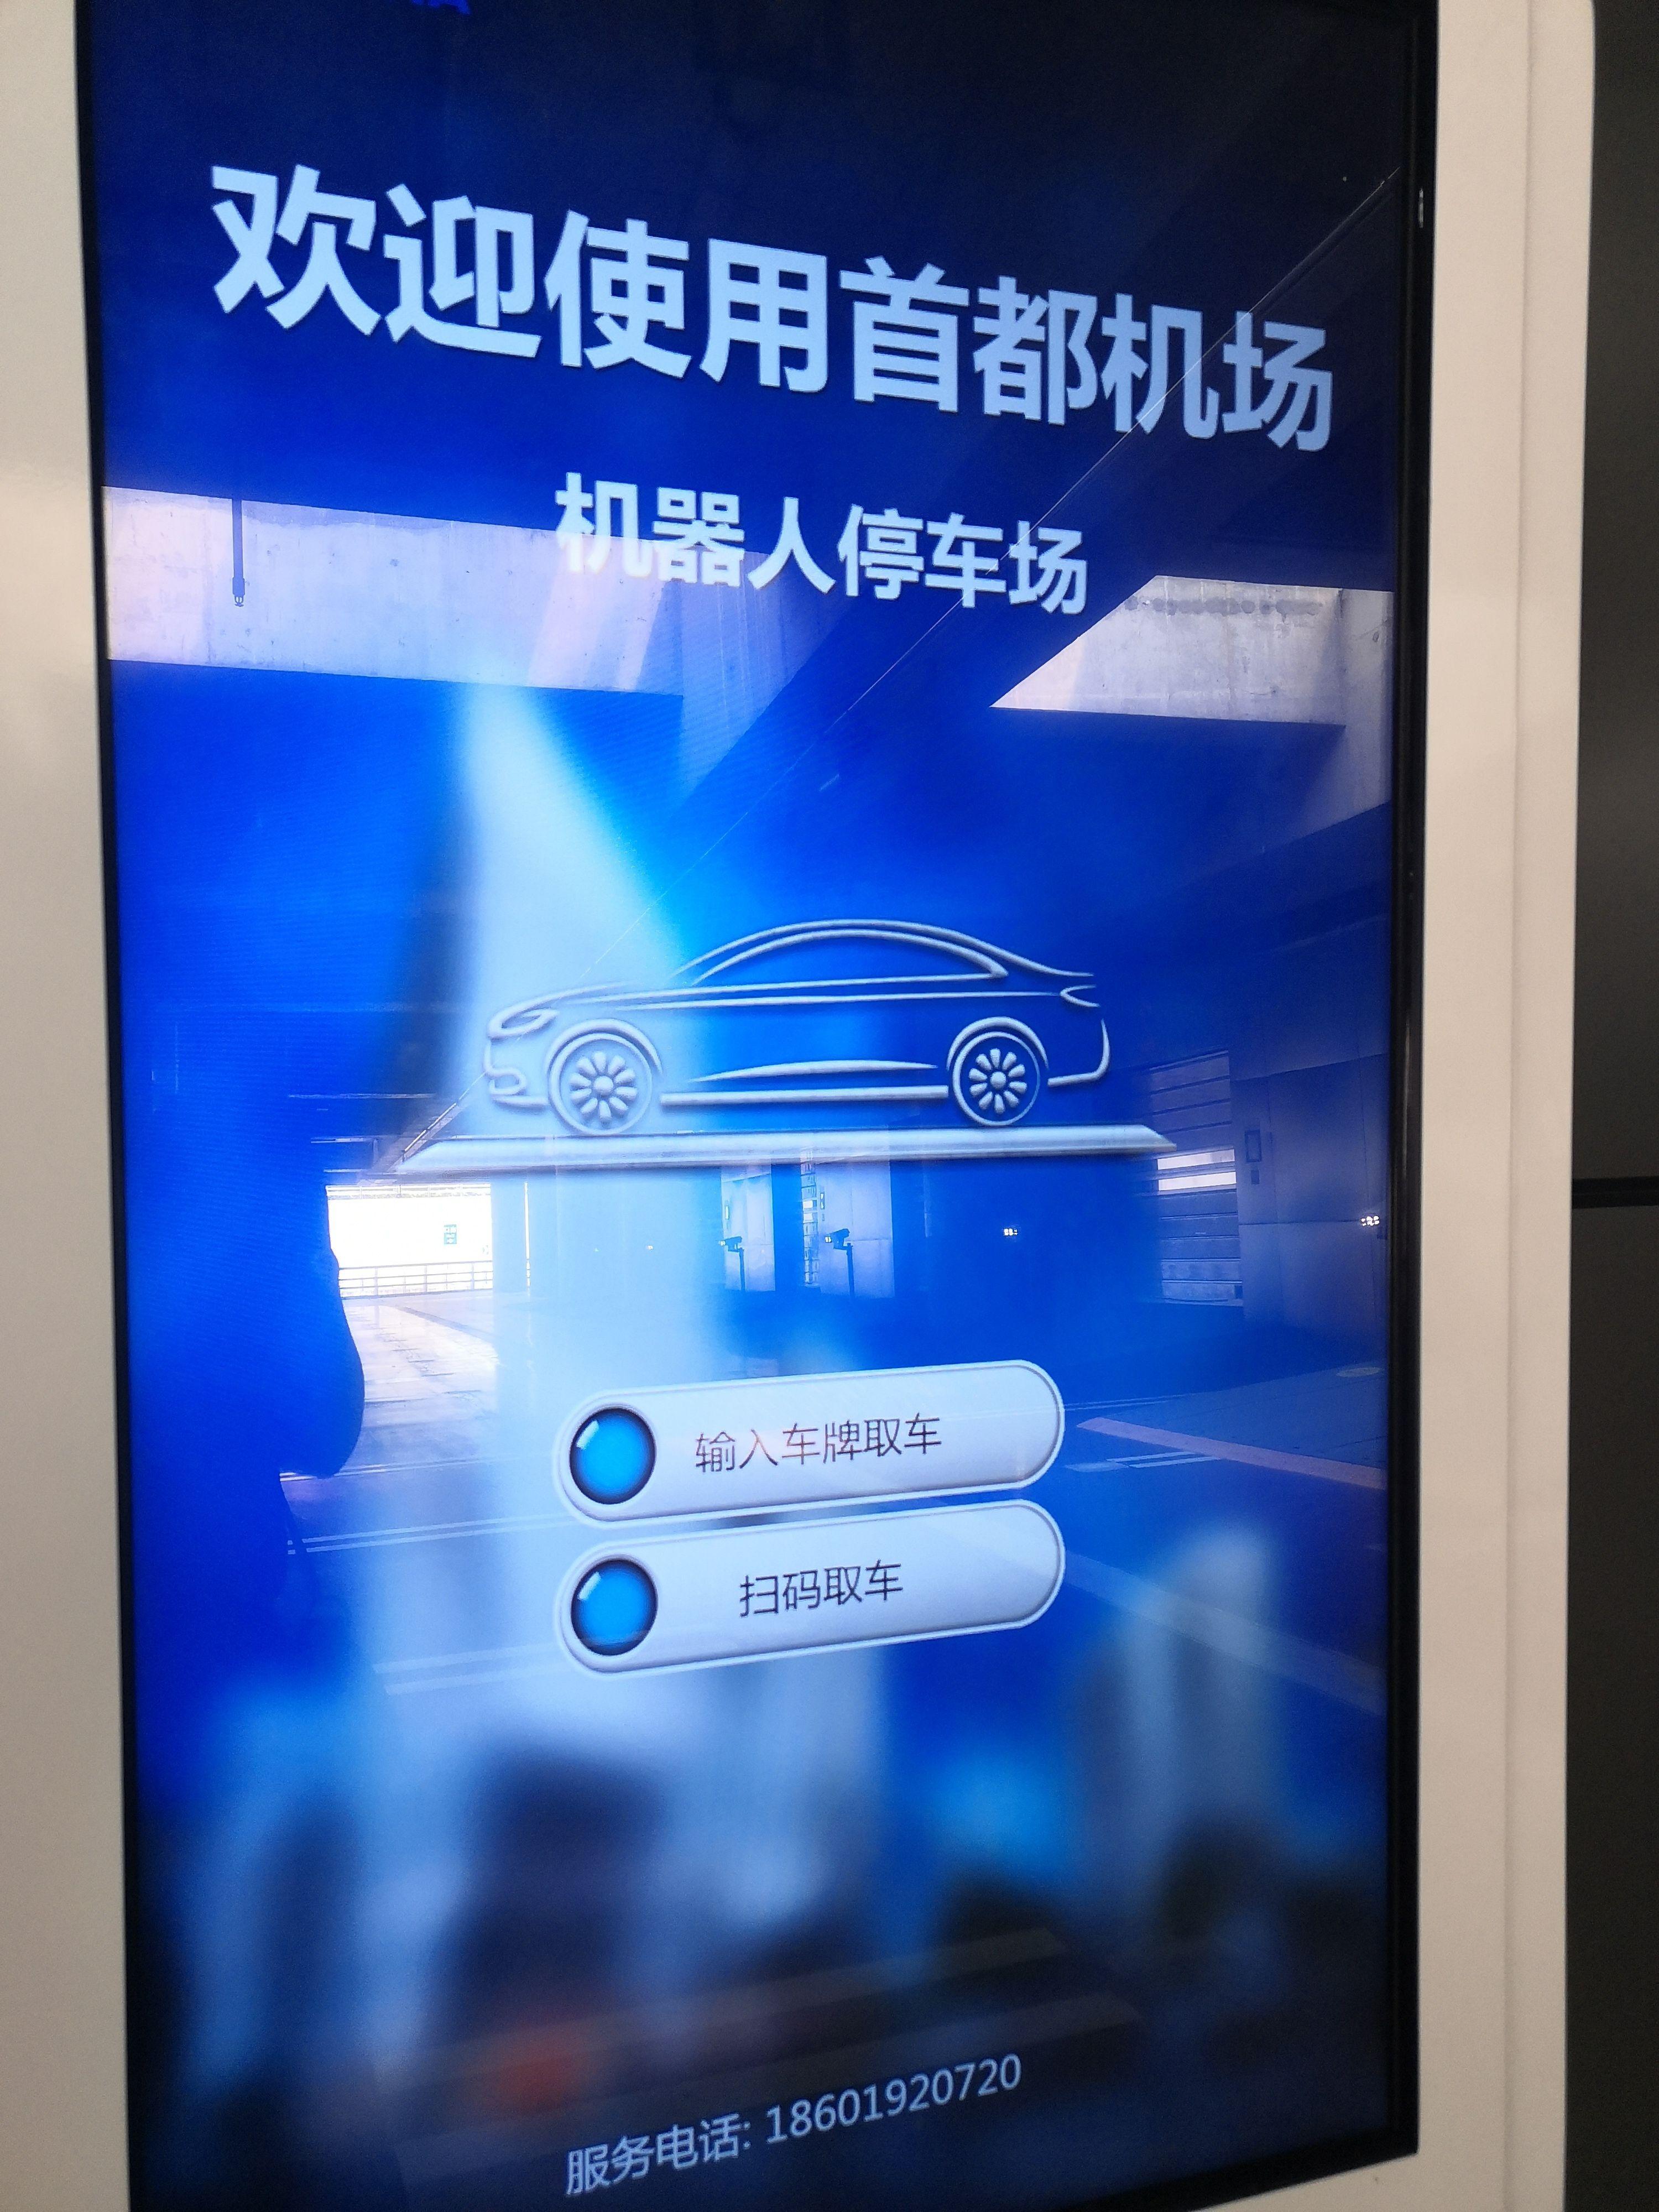 旅客可以通过两种方式取车,输入车牌或扫码。摄影/新京报记者